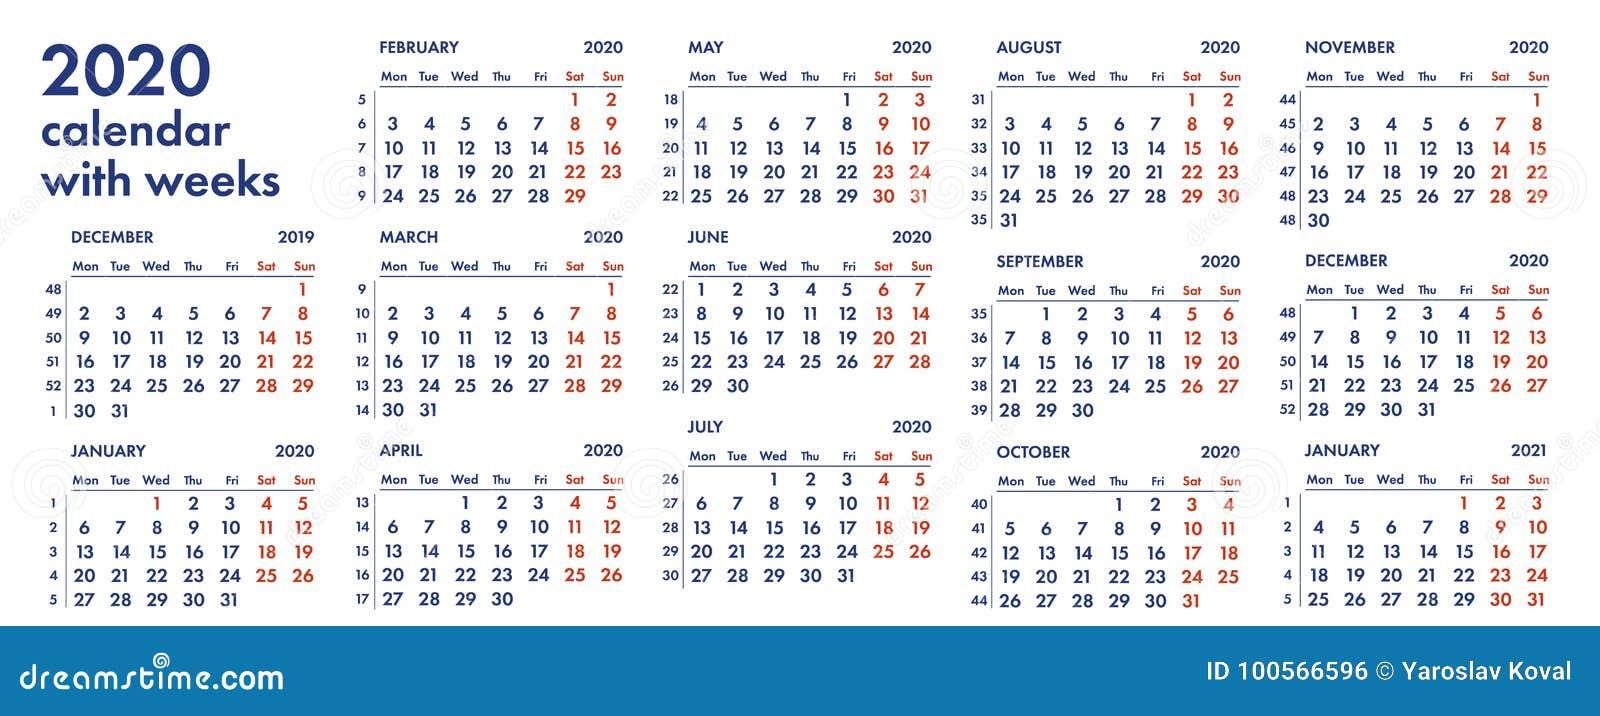 Calendario Trimestrale 2020.Una Griglia Di 2020 Calendari Con L Illustrazione Di